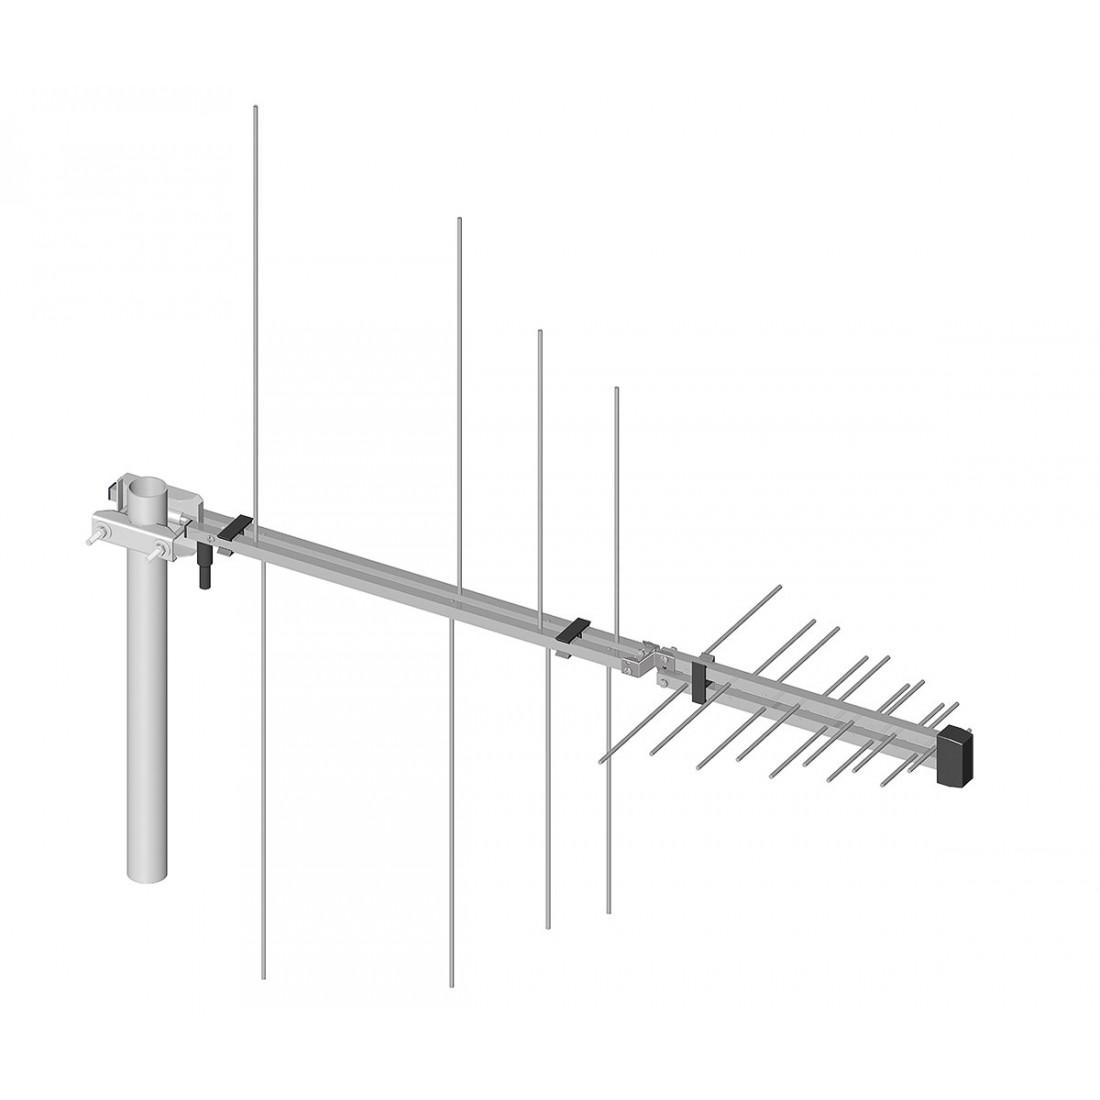 Pohlad na anténu so segmentom VHF inštalovaným na príjem signálov vo vertikálnej polarizácii